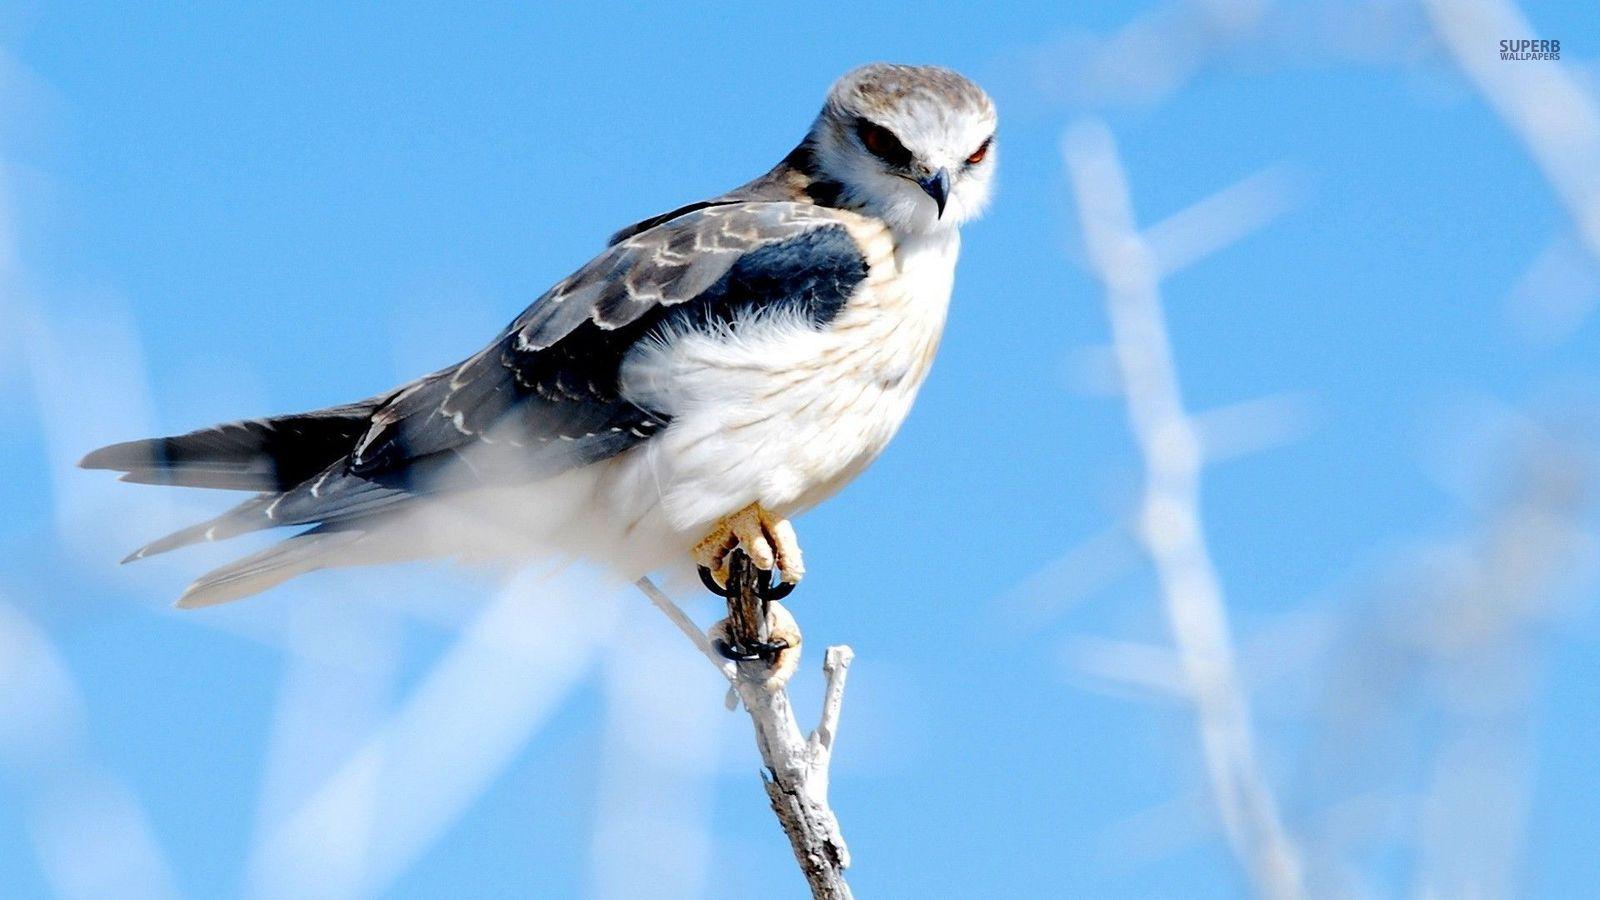 壁纸 动物 鸟 鸟类 雀 桌面 1600_900